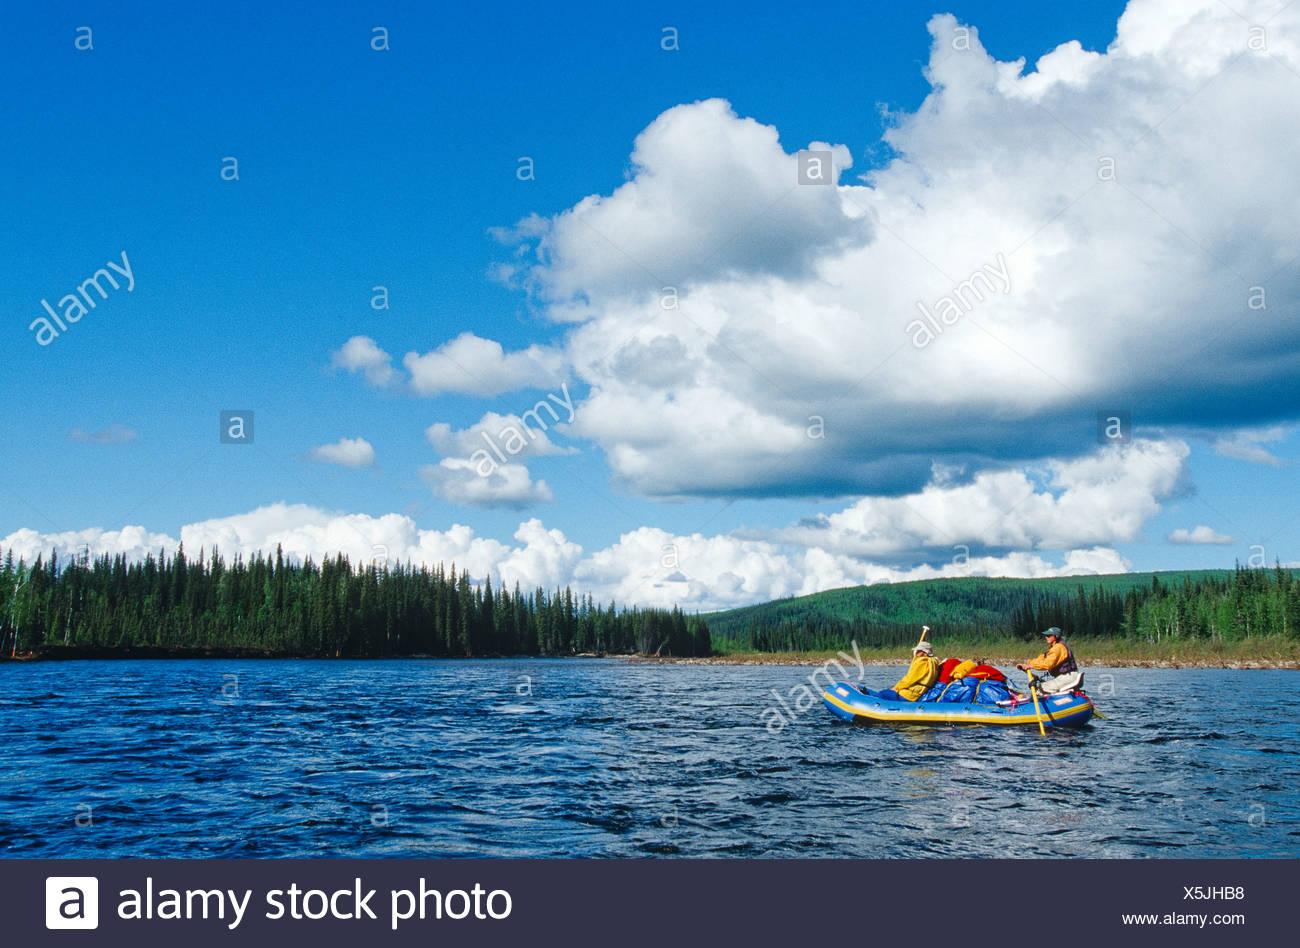 Alaska. Yukon-Charley Rivers NP. Rafting - Stock Image